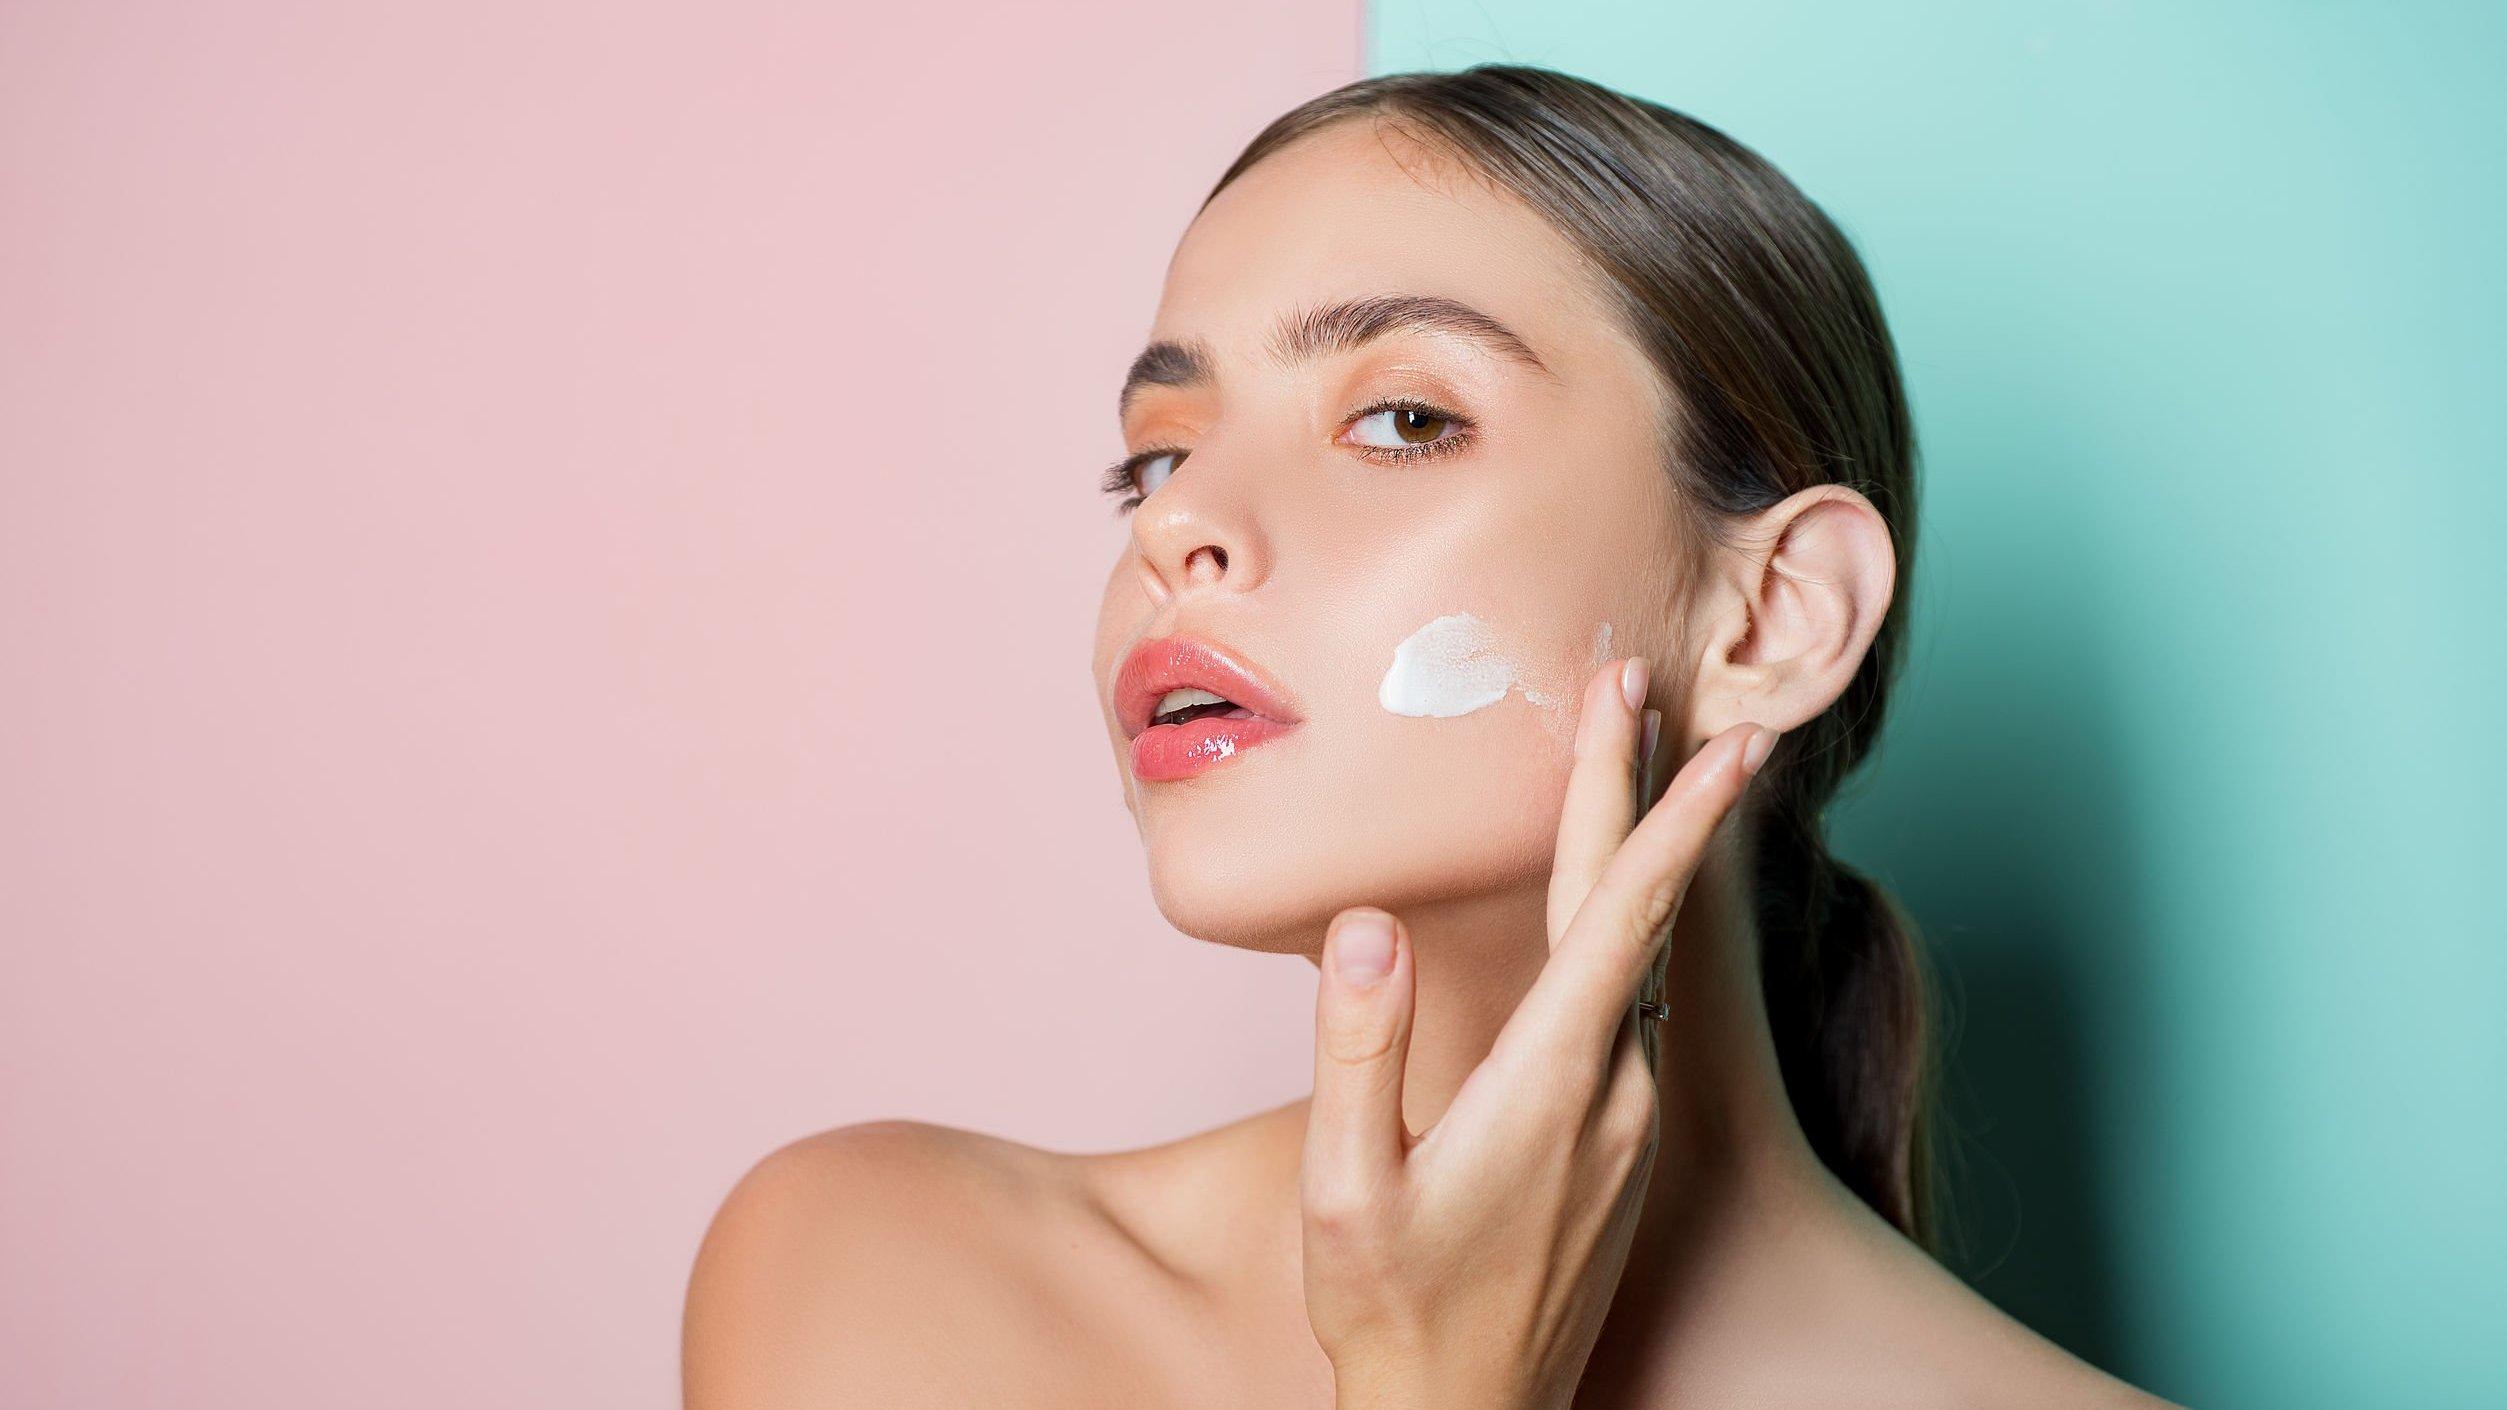 Retrato de uma linda jovem tocando a bochecha com a mão, aplicando creme facial.